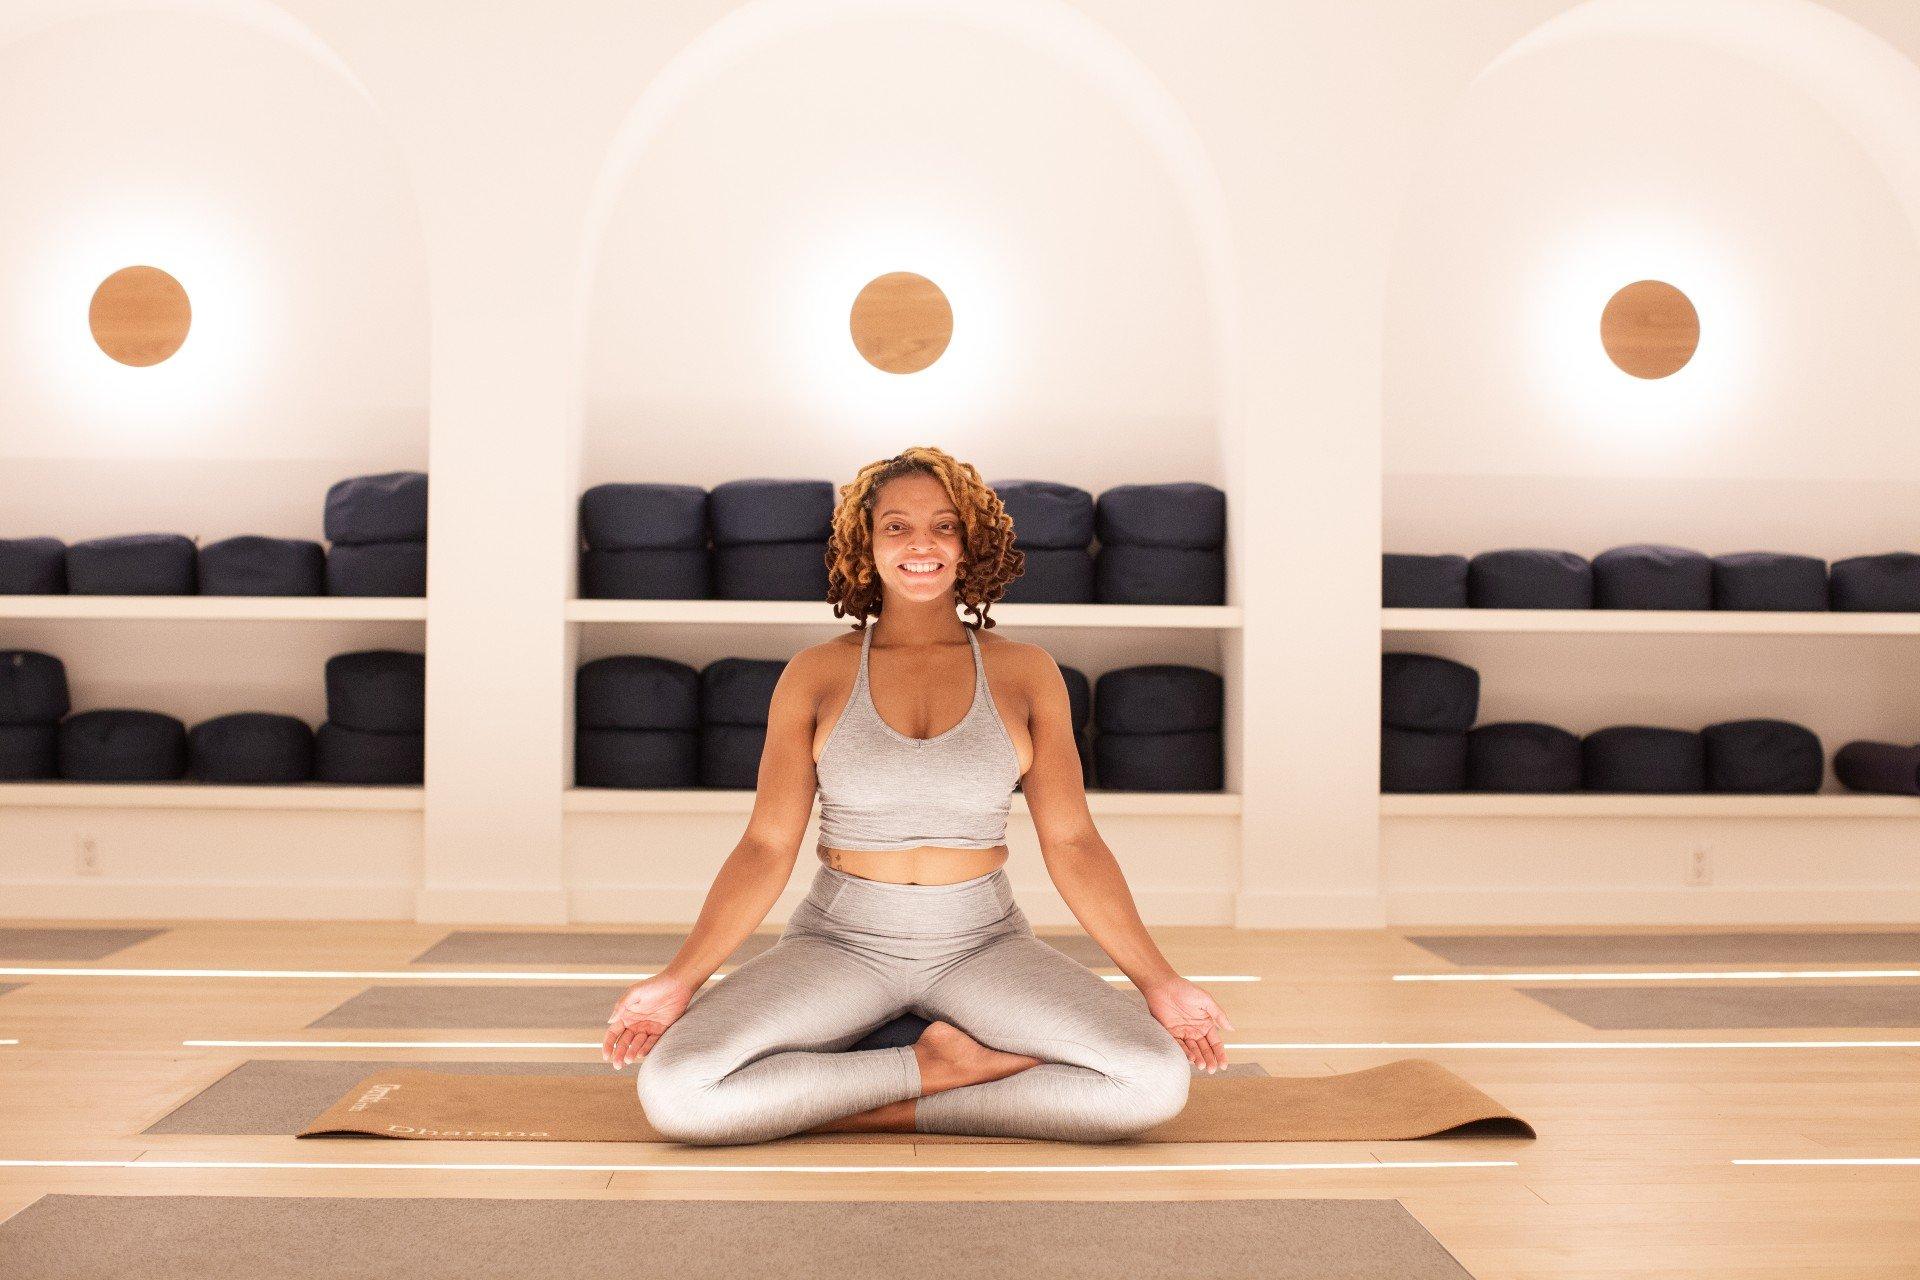 Den här wellnesscoachen använde yoga för att hantera sin sorg & bytte karriär | Everyday Athletes